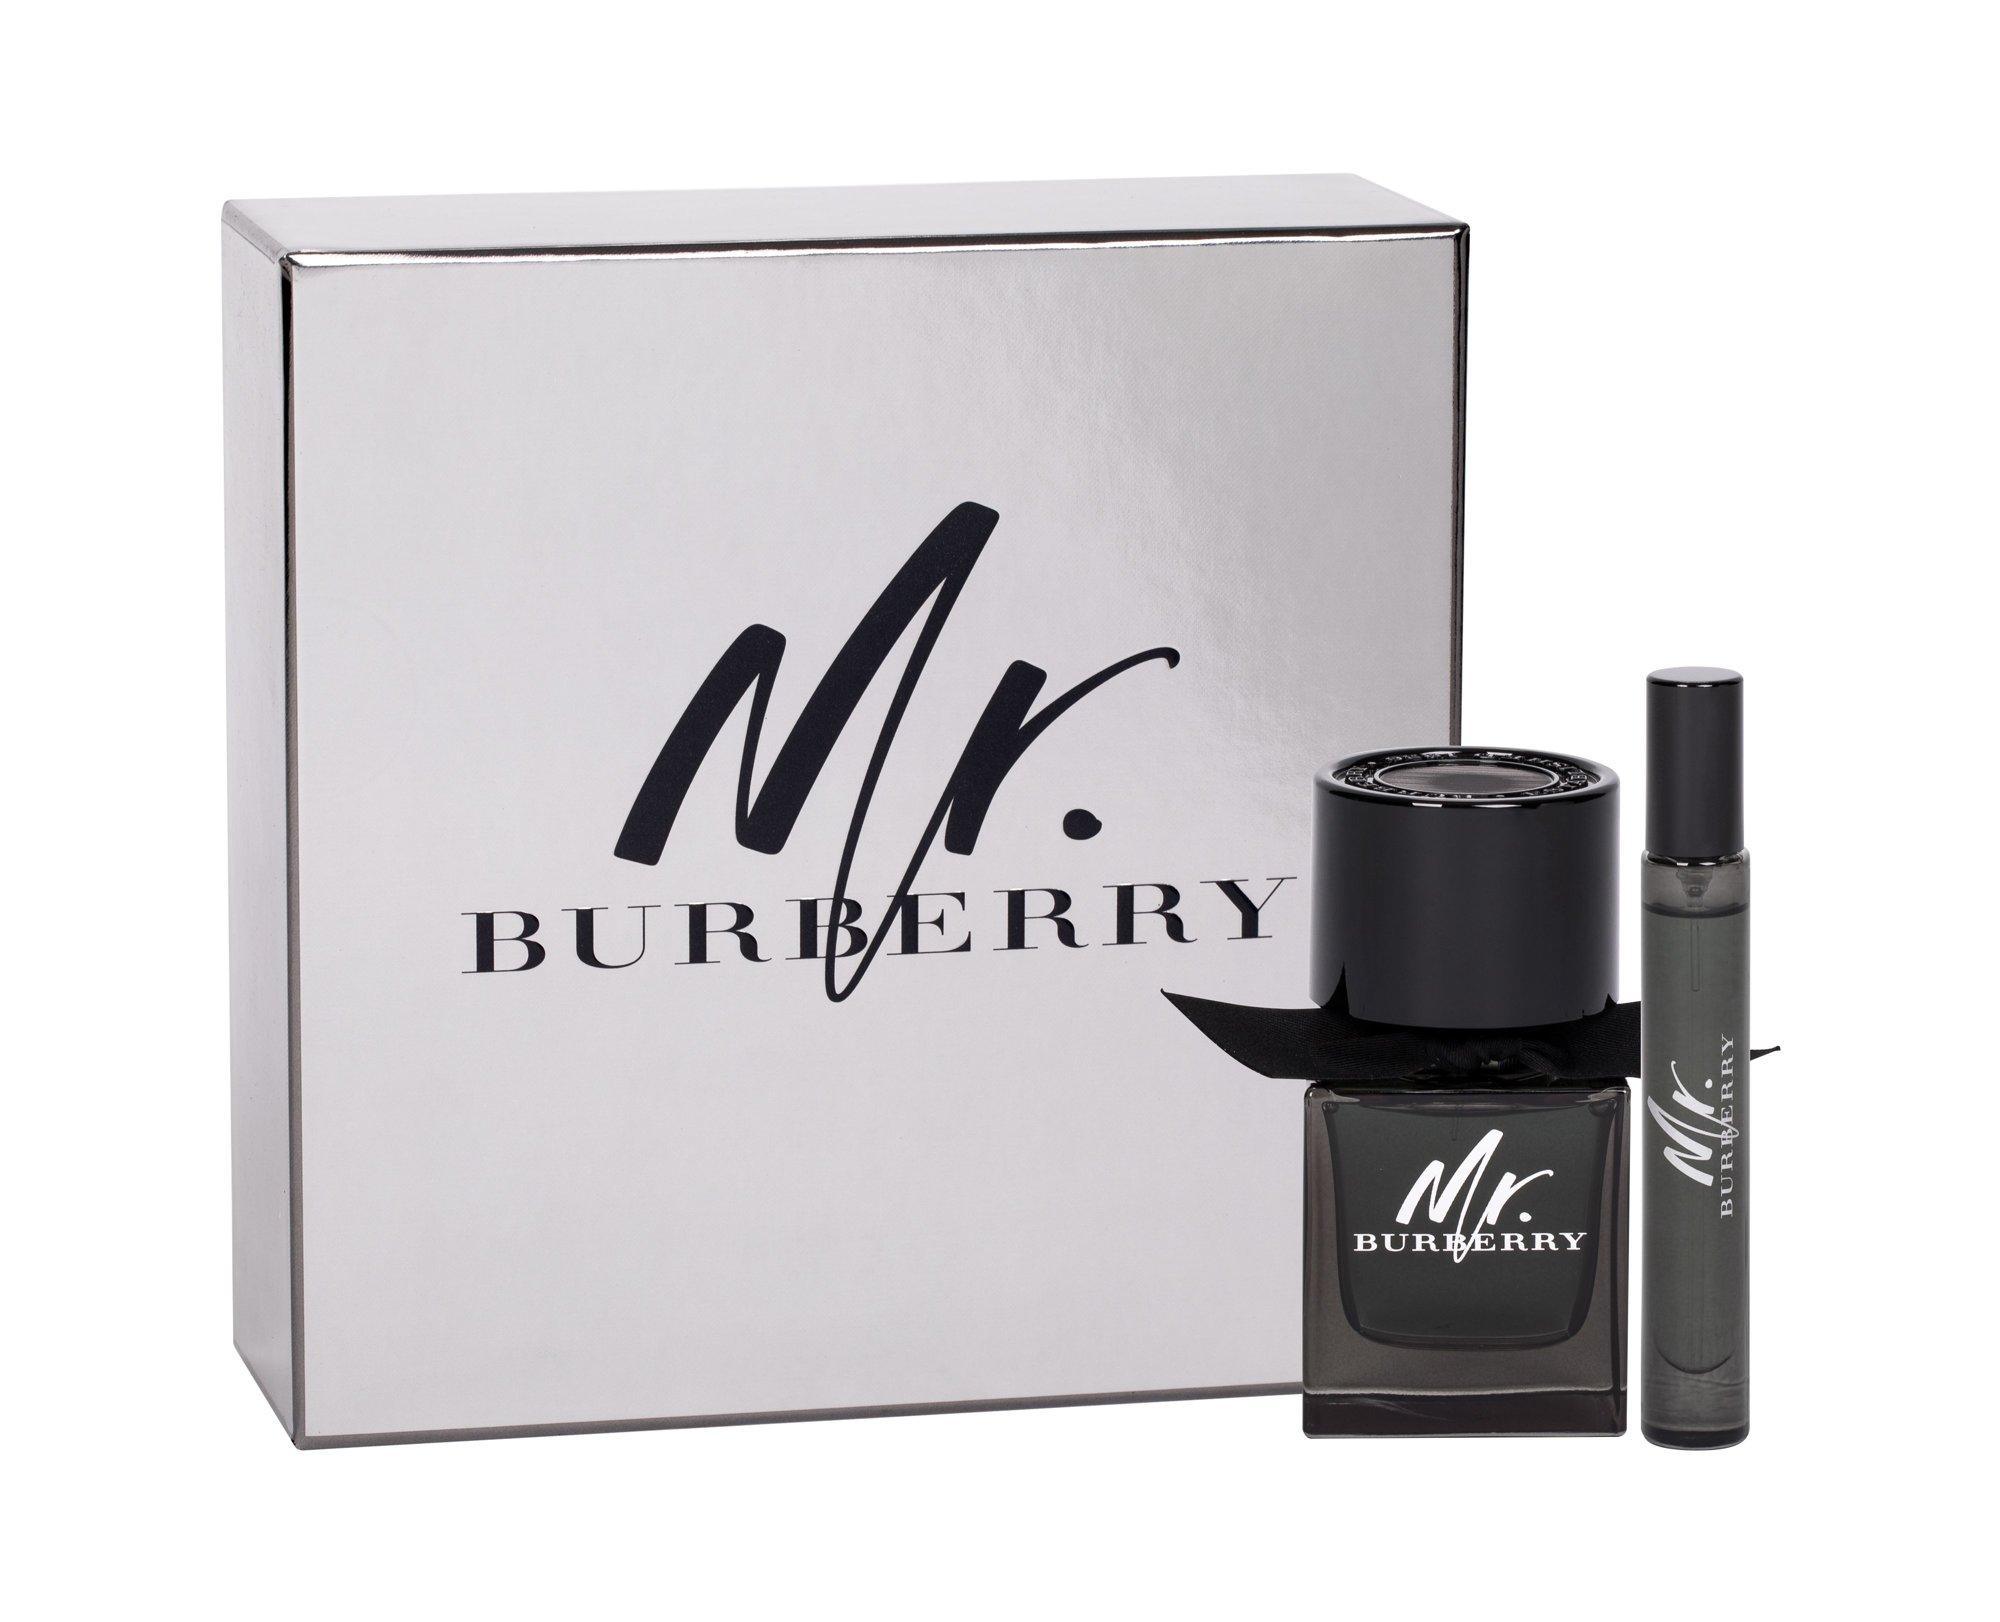 Burberry Mr. Burberry